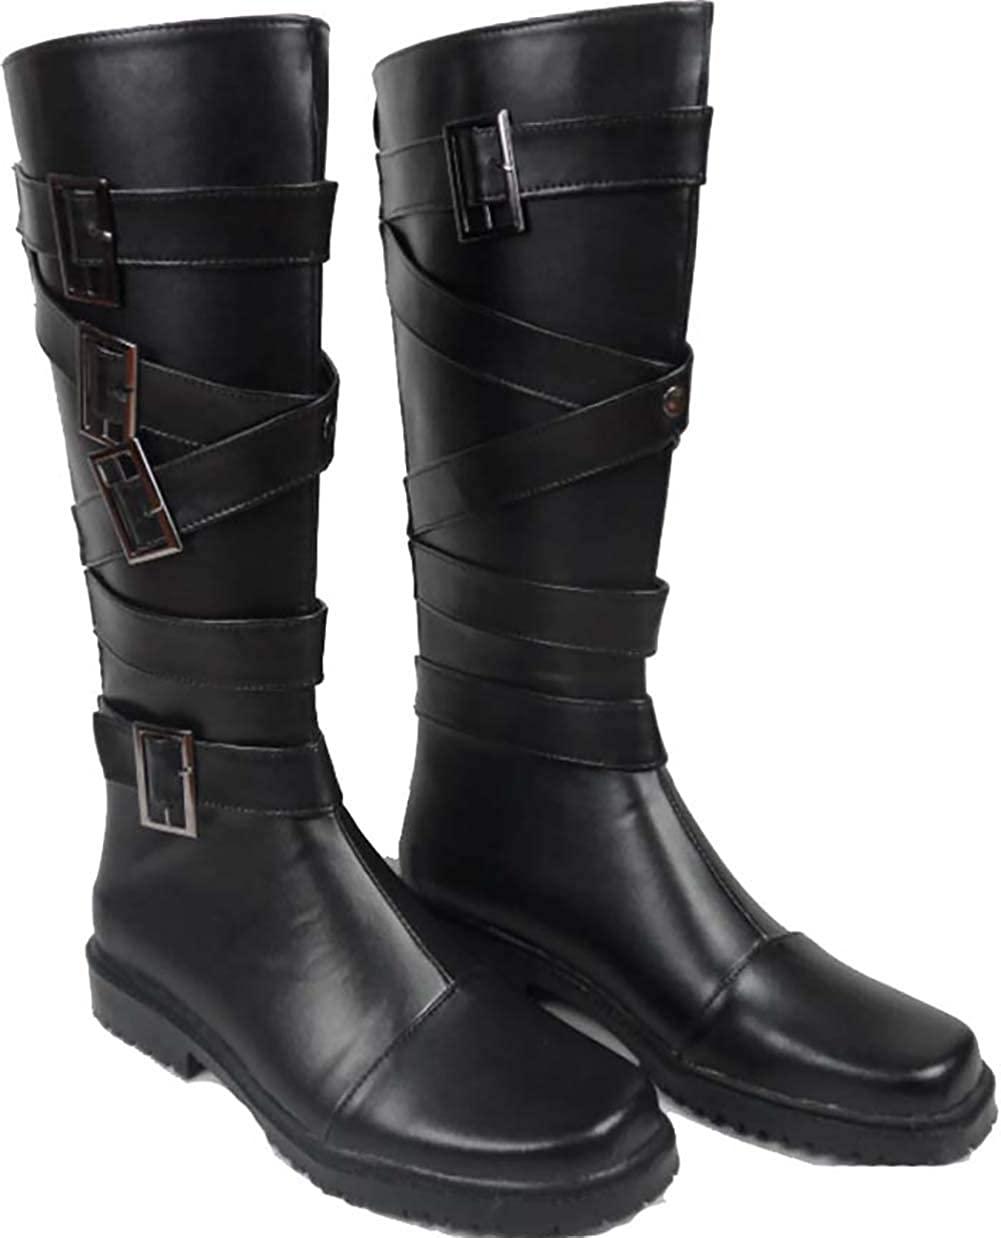 Danganronpa Dangan Ronpa Gundam Tanaka Cosplay Costume Boots Boot Shoes Shoe